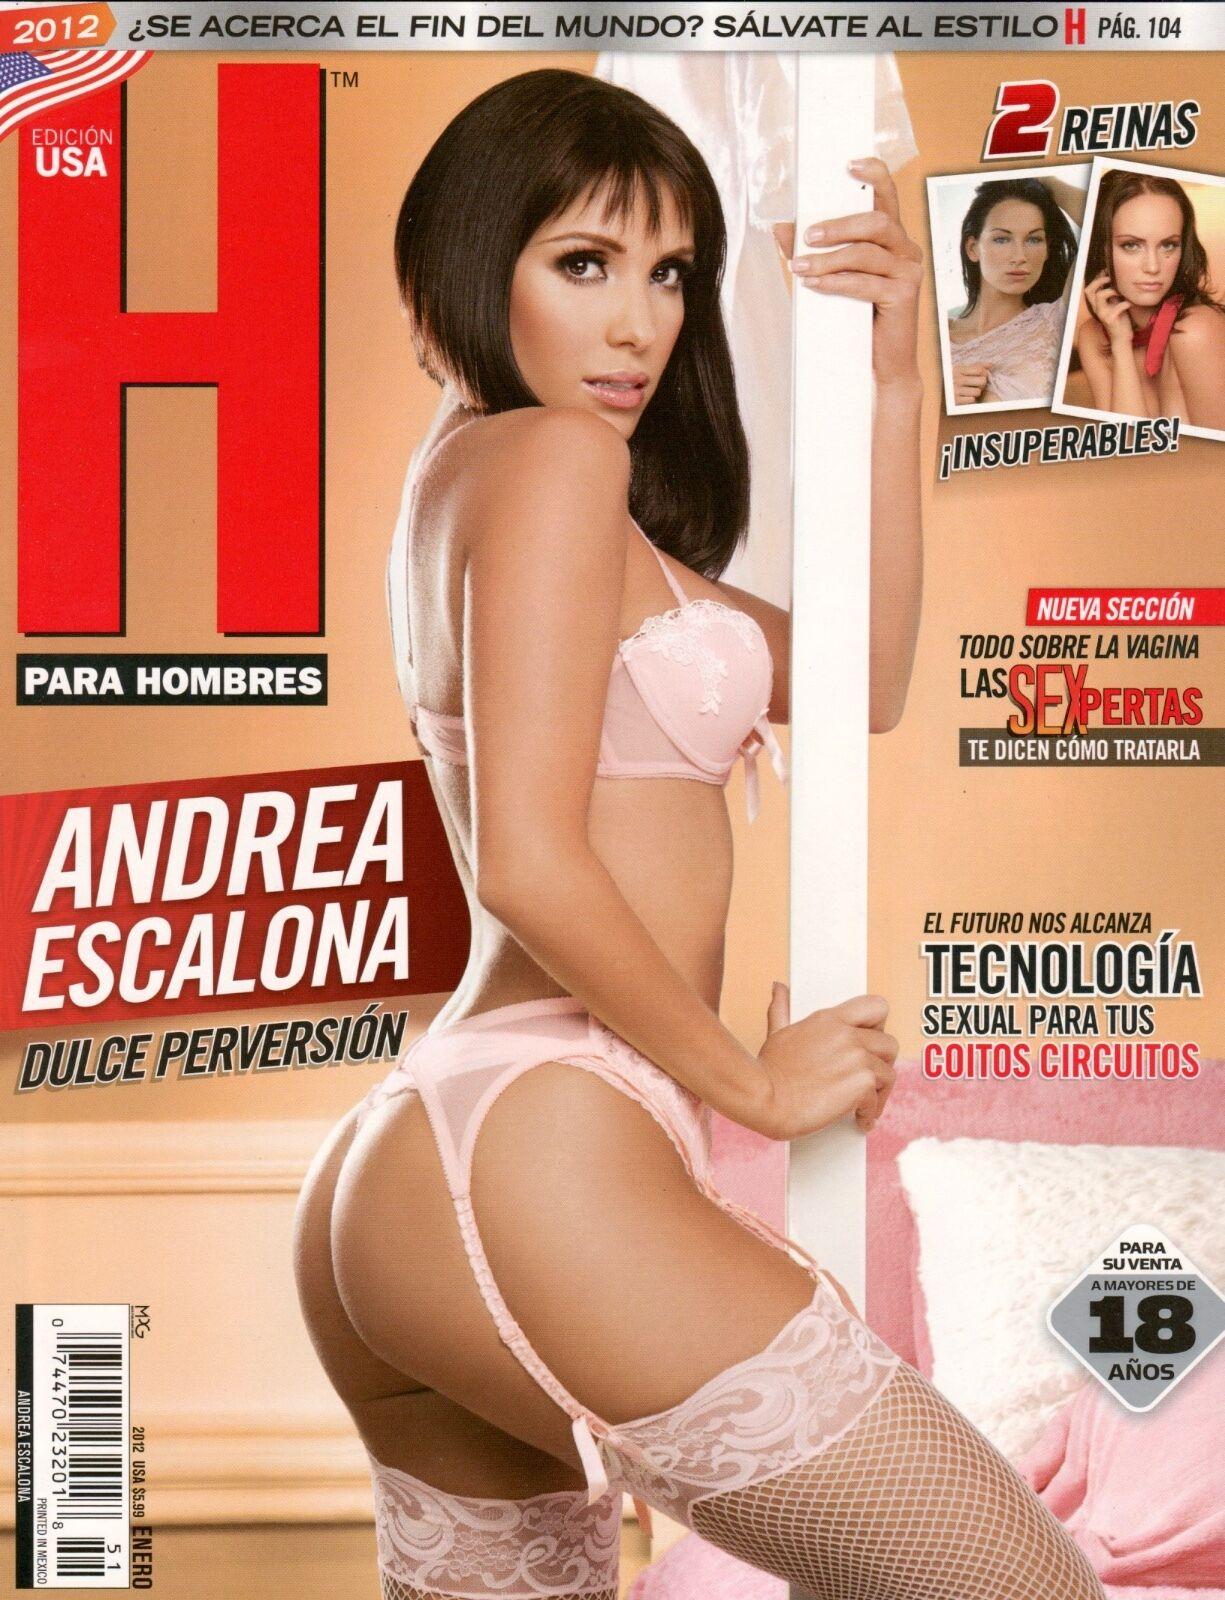 Ana Bekoa H Extremo h para hombres revista magazine andrea